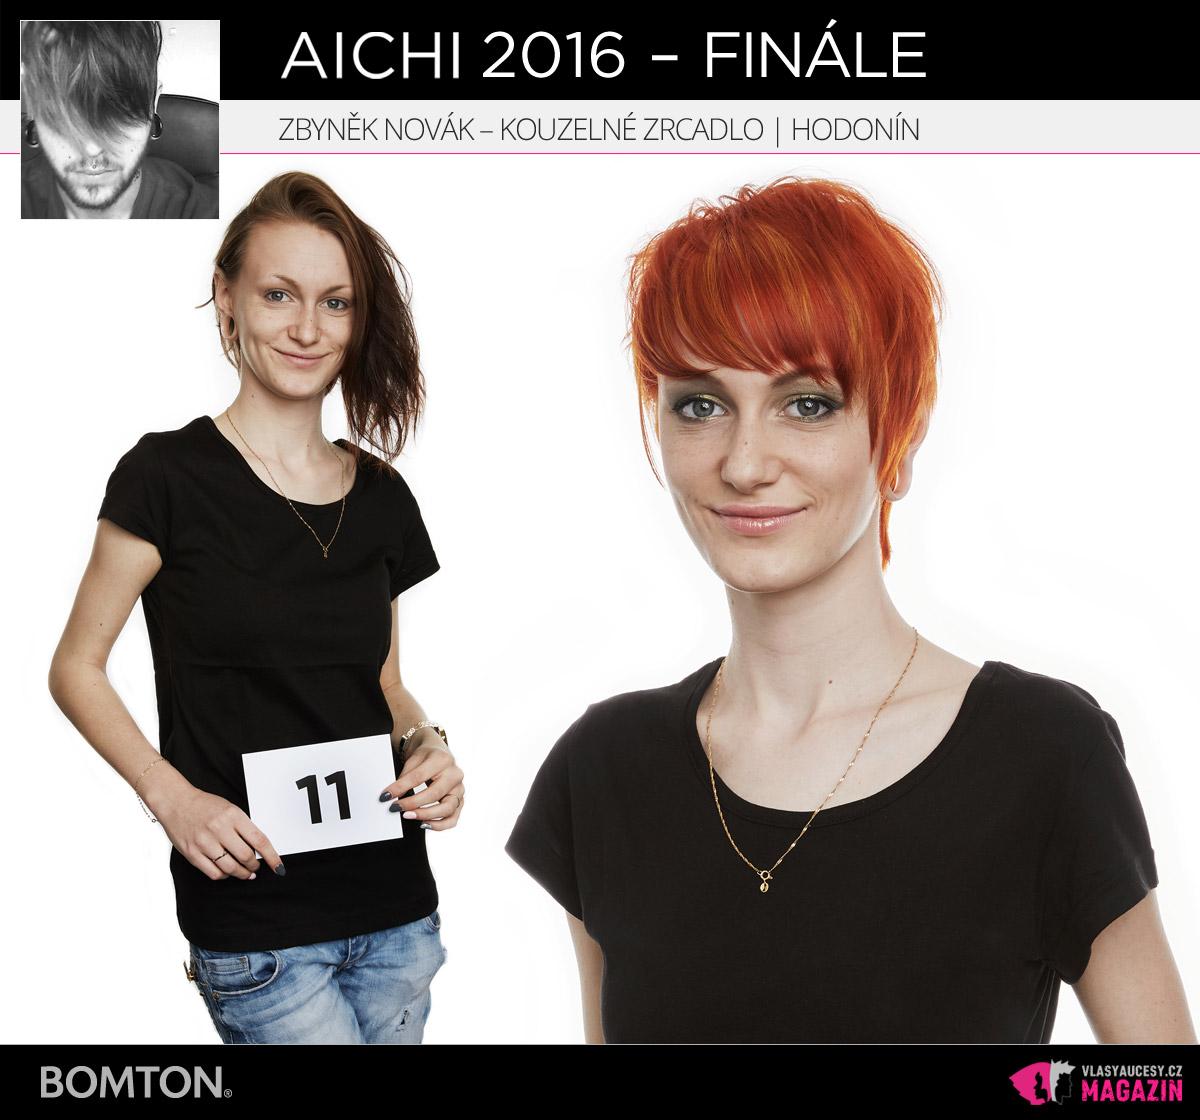 Semifinálová proměna AICHI 2016: Zbyněk Novák, kadeřnictví Kouzelné zrcadlo, Hodonín